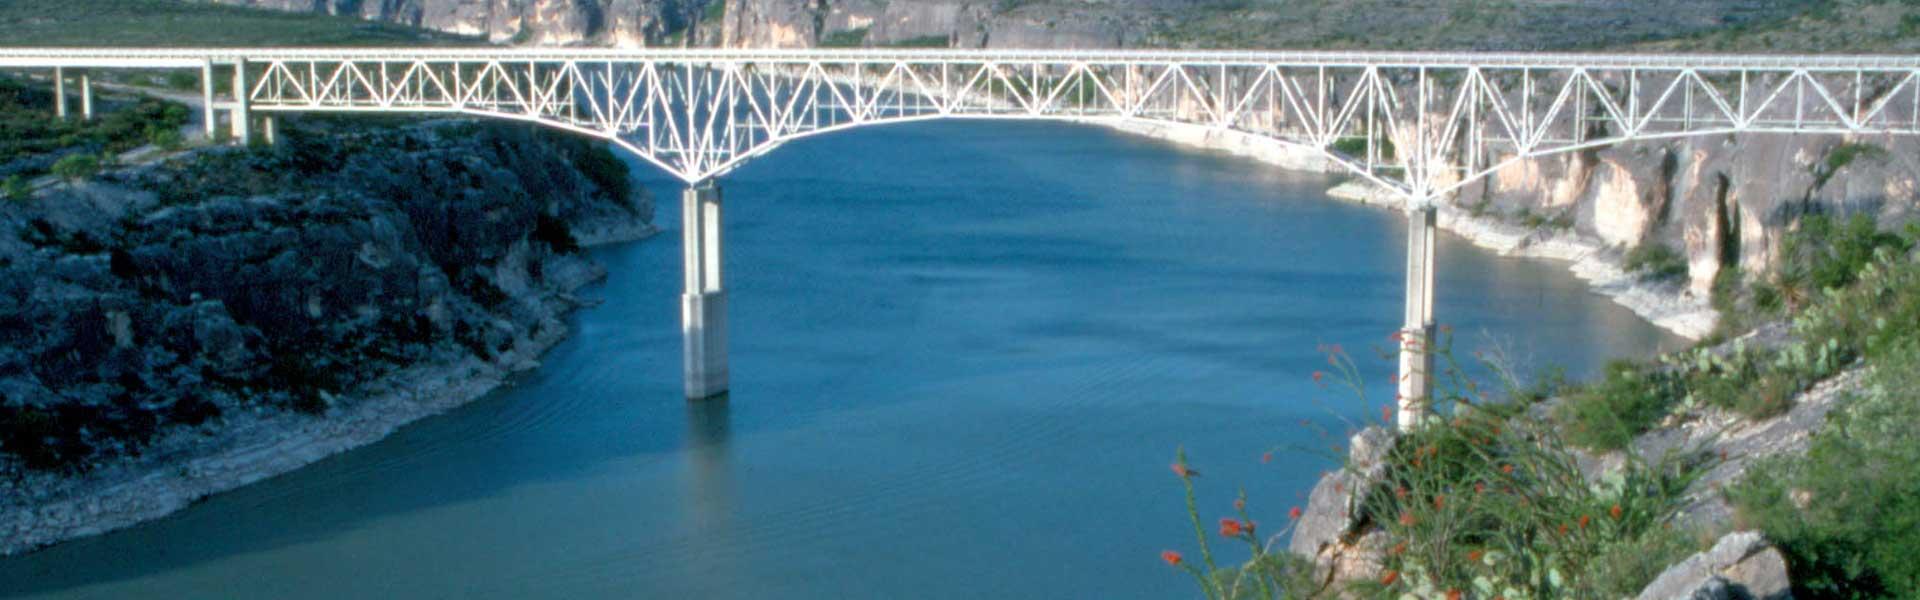 Merveilleux Lake Amistad Rentals